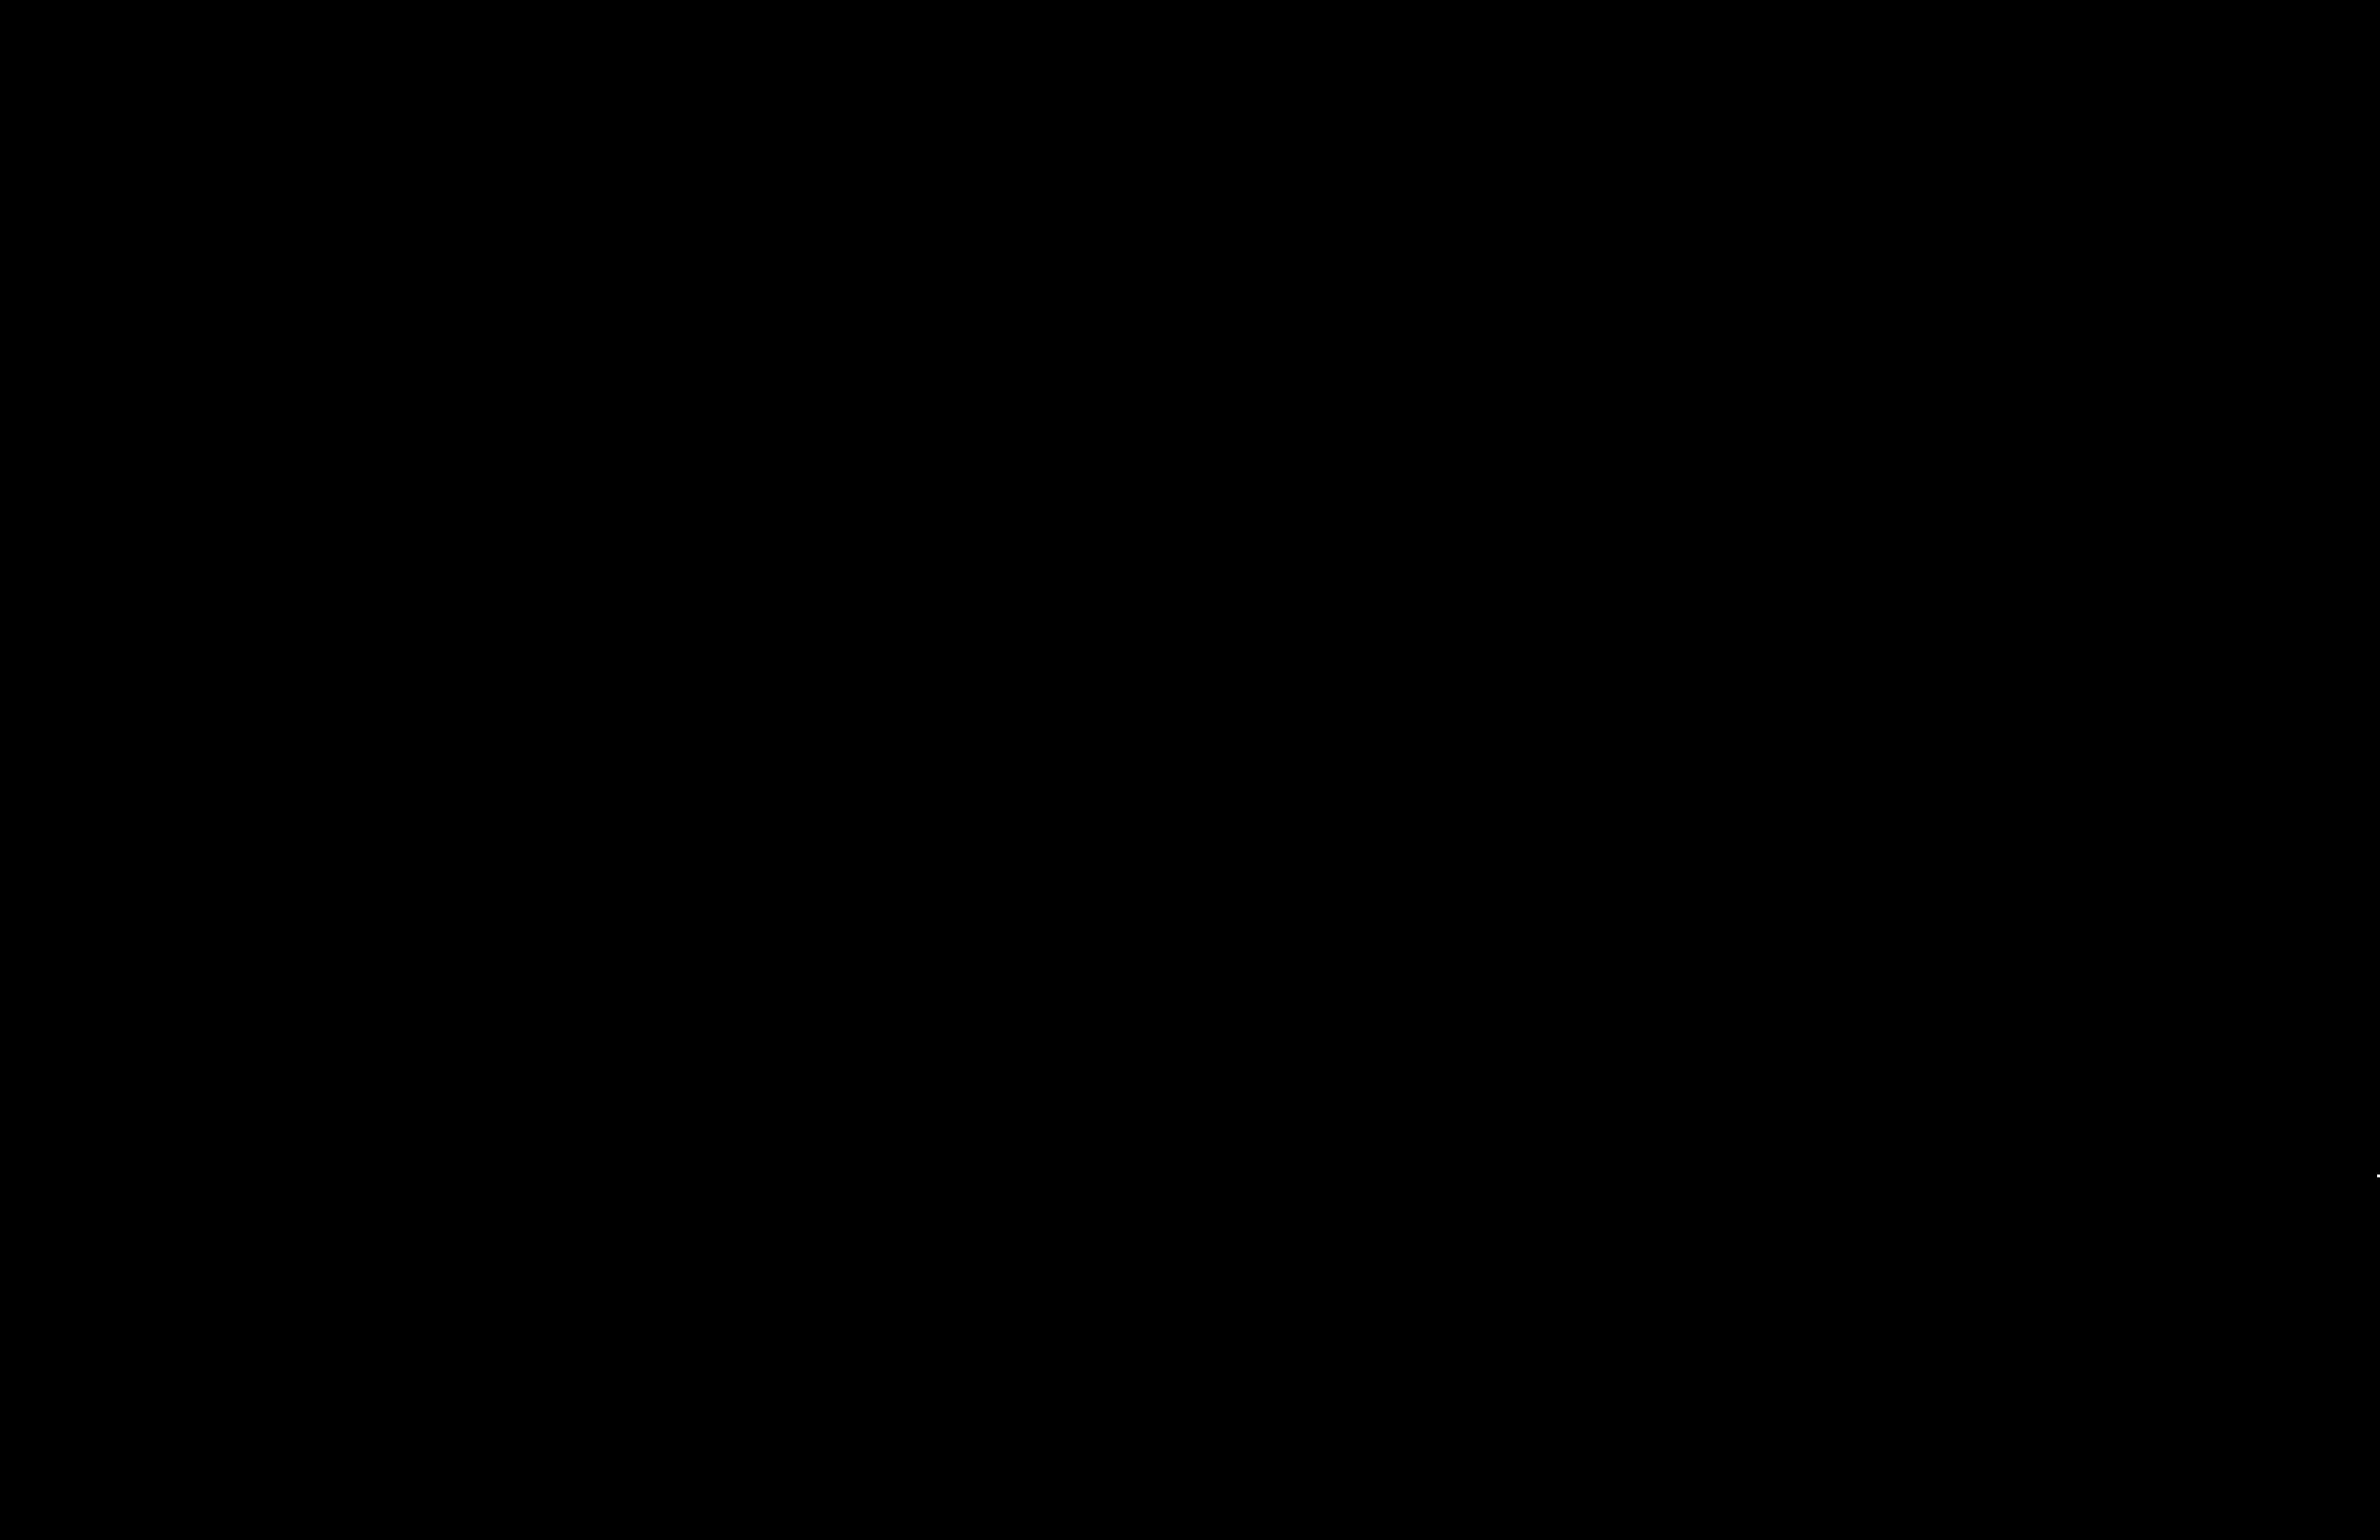 grid-05.png